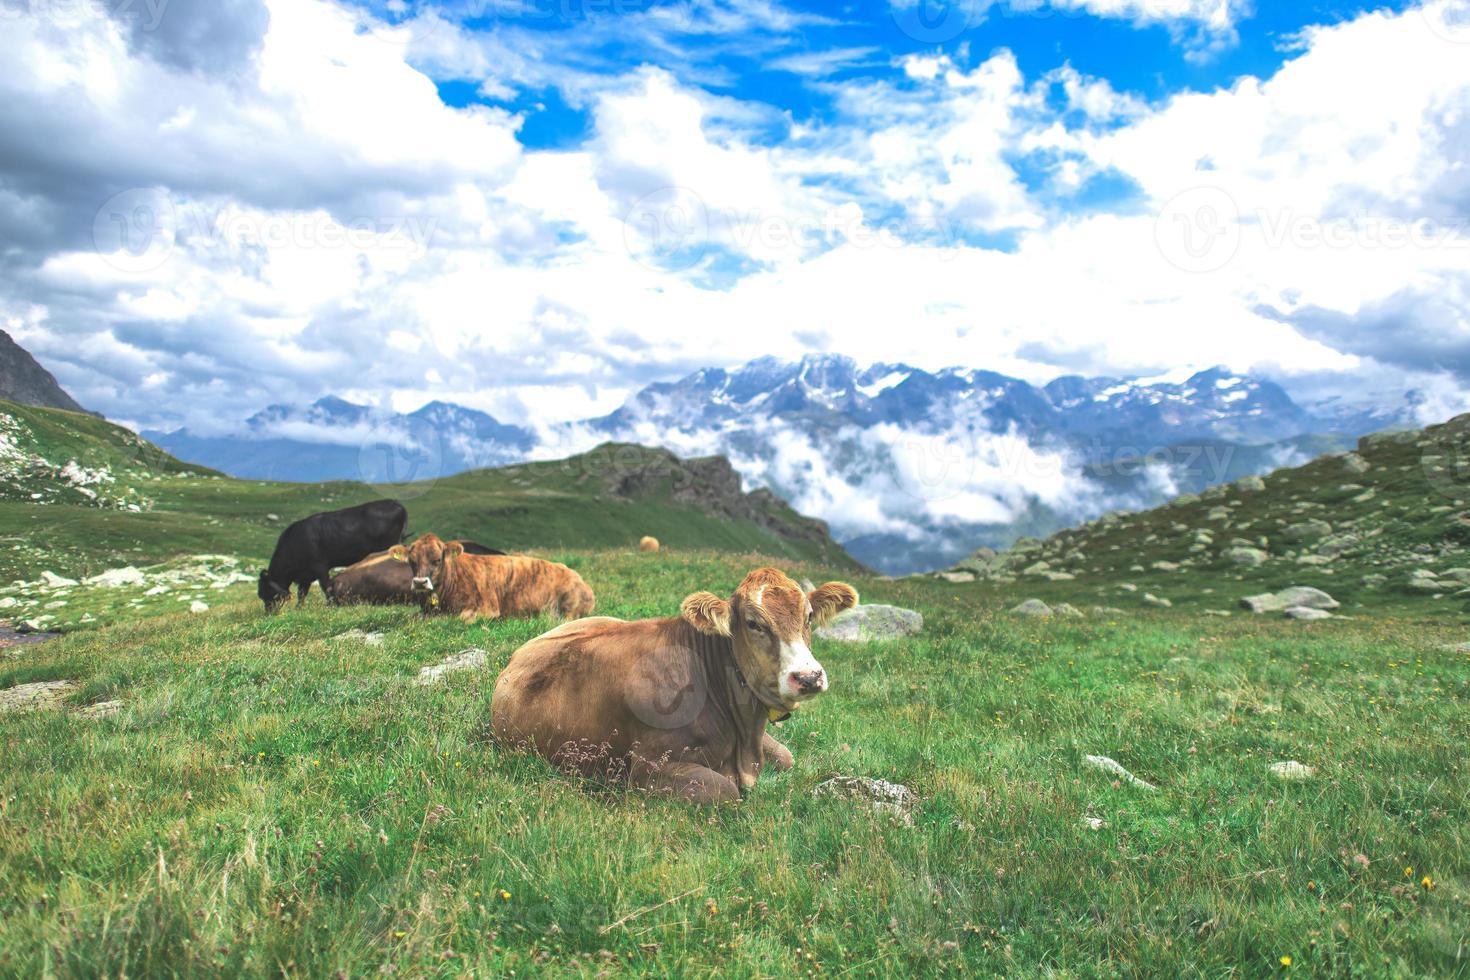 einige kühe grasen auf den wiesen der schweizer alpen foto